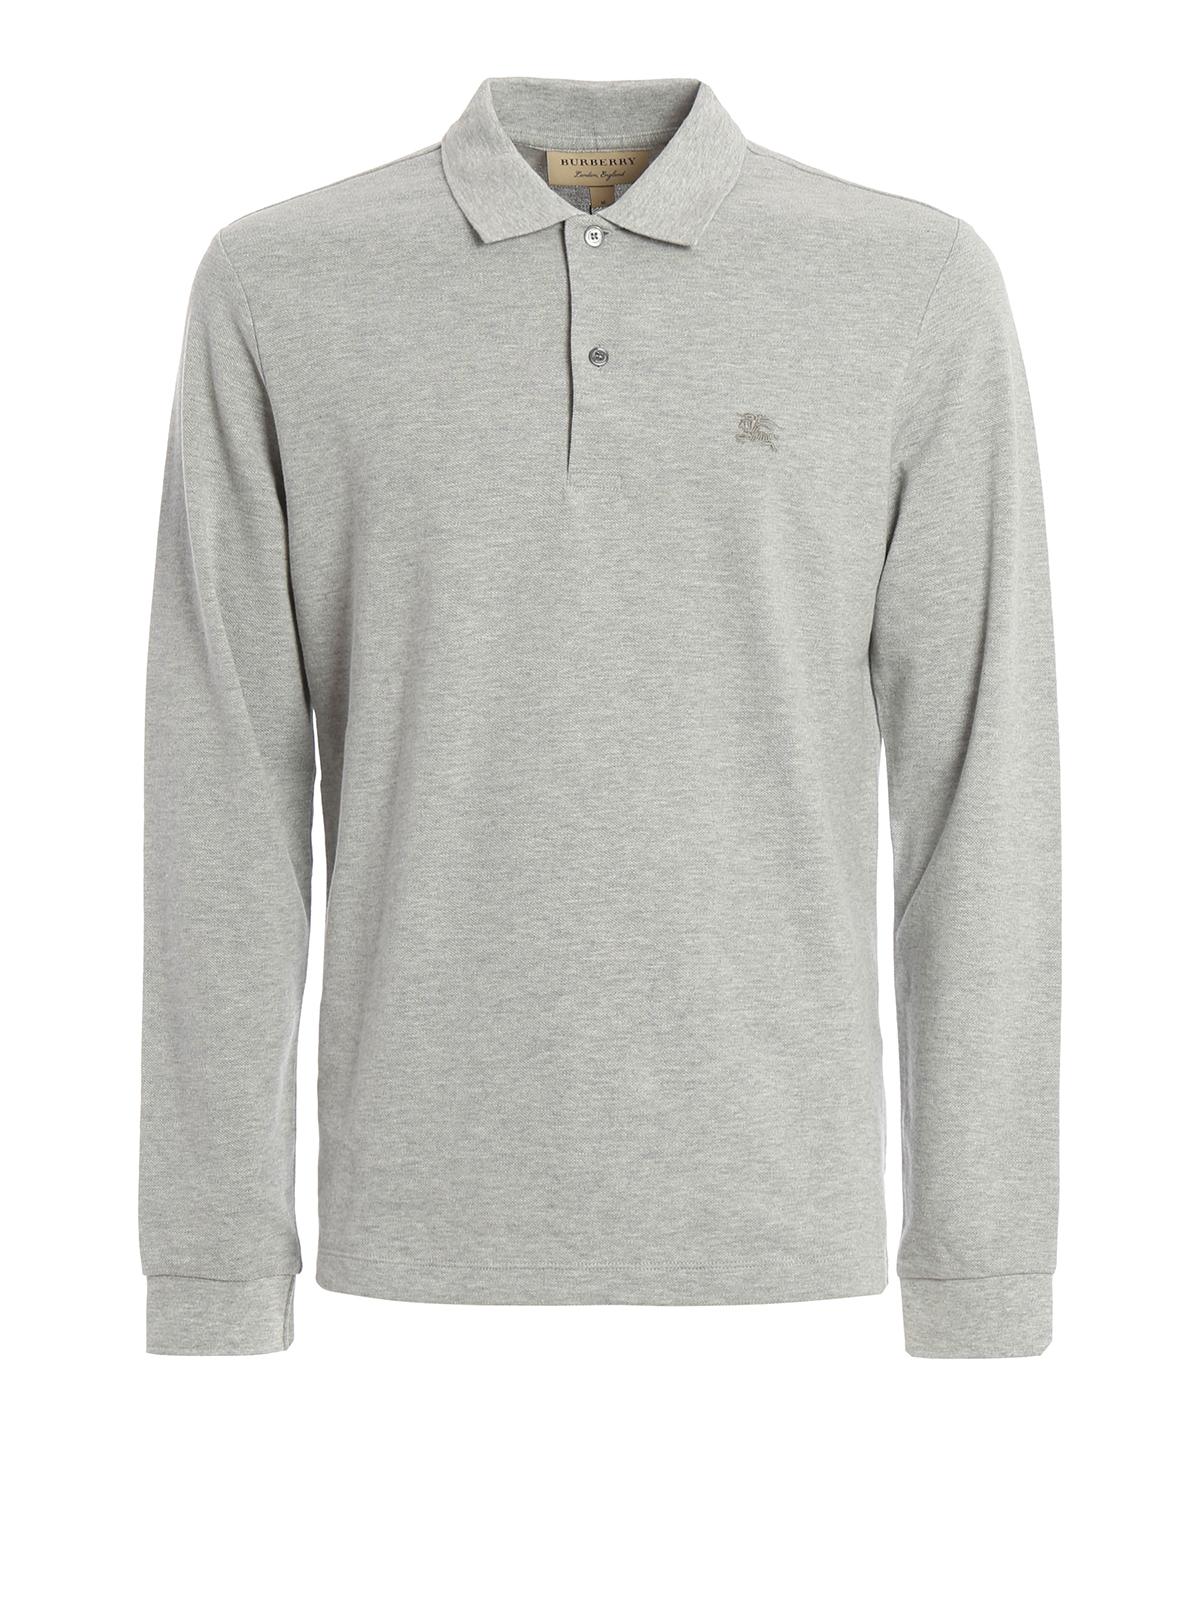 Pique Cotton Long Sleeve Polo Shirt By Burberry Polo